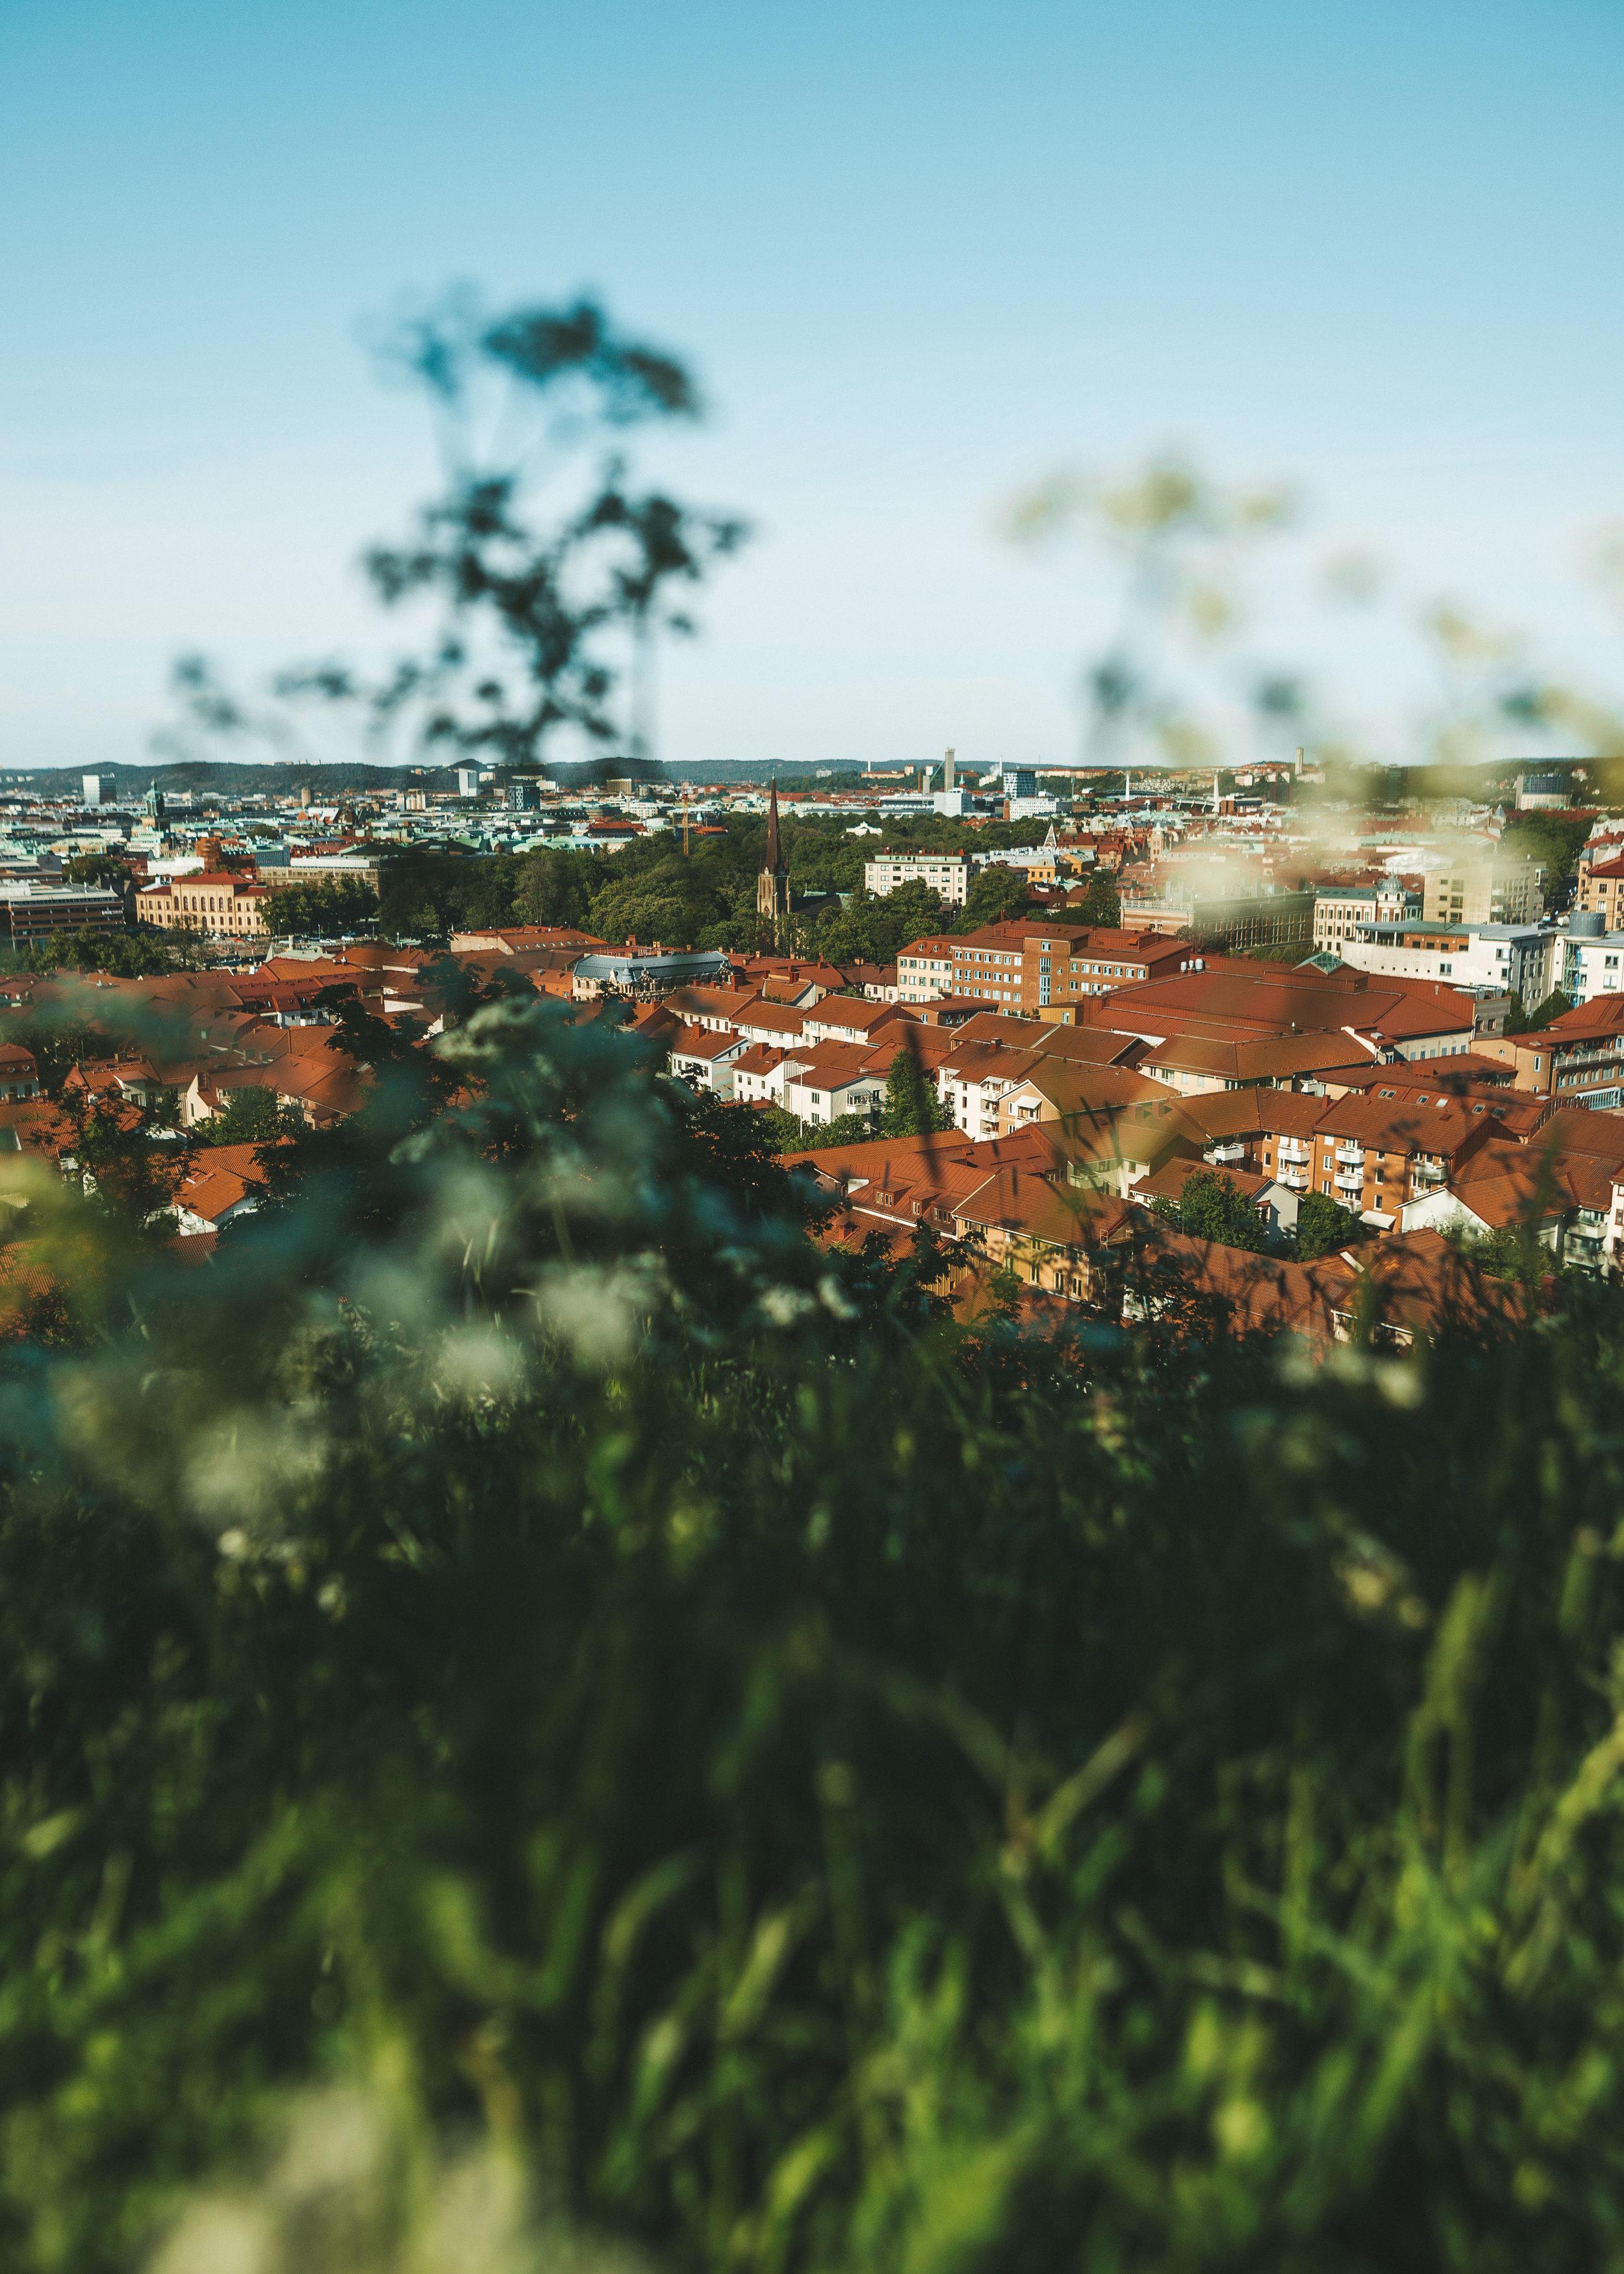 gothenburg (16 of 25).jpg